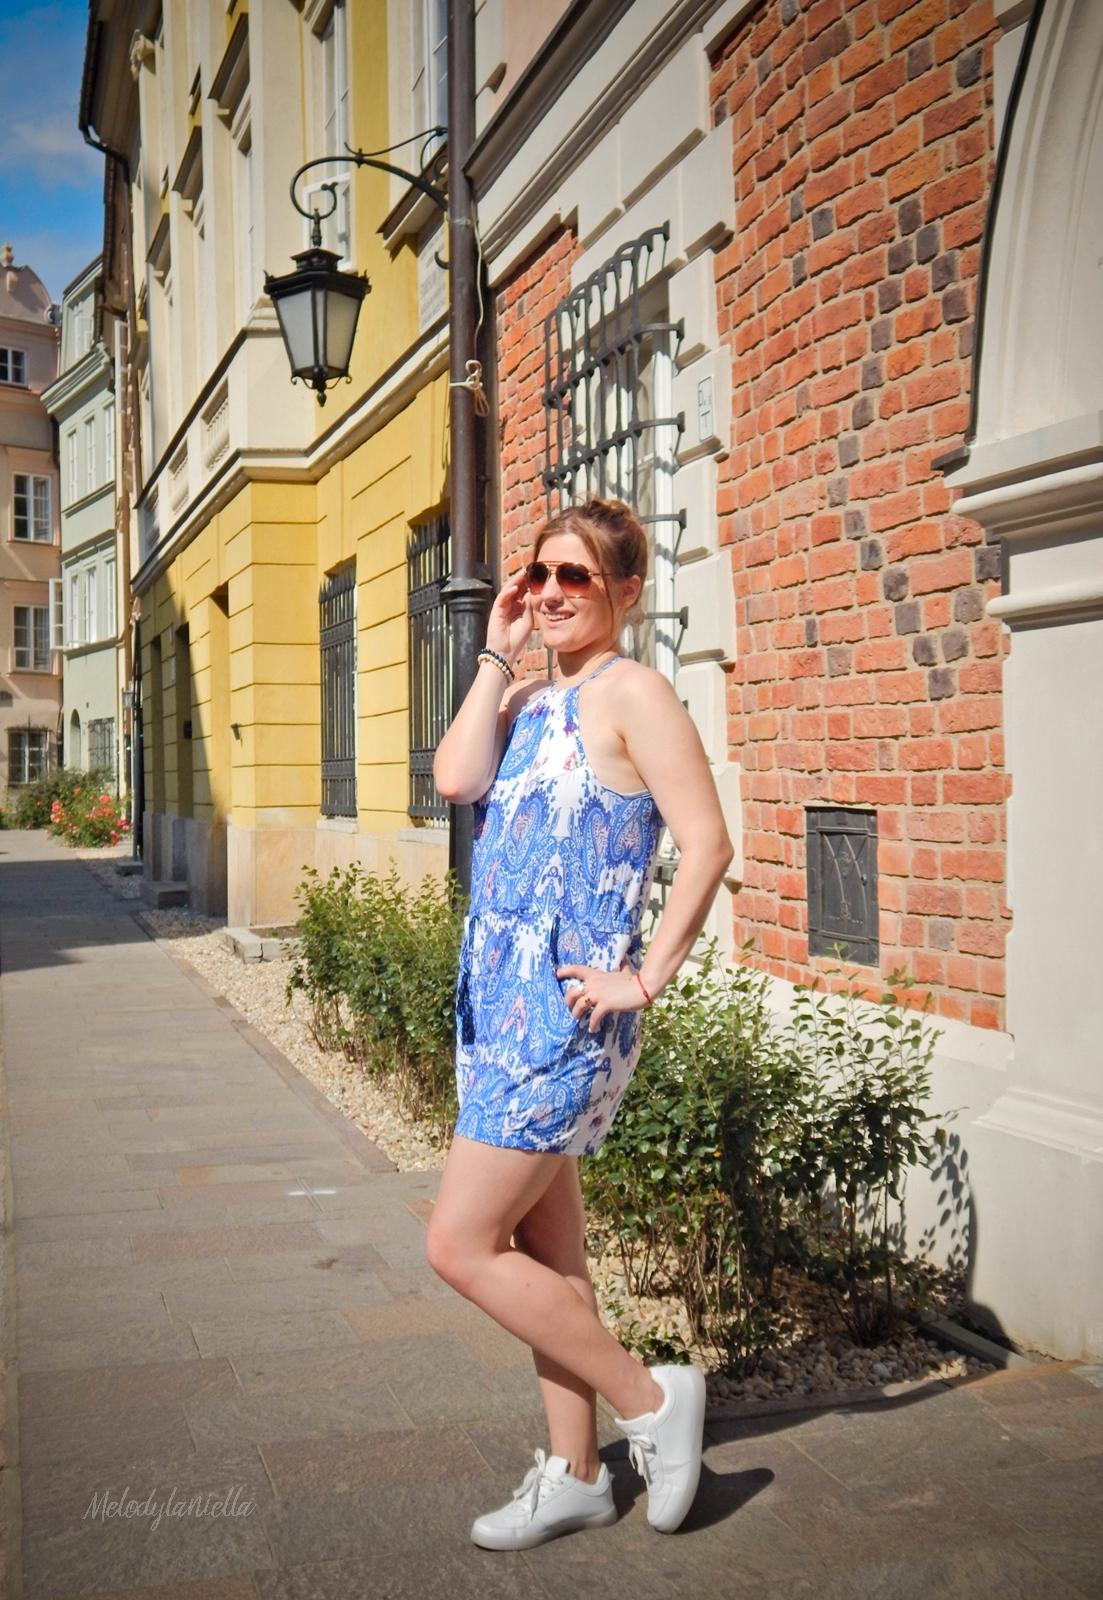 sammydress kombinezon w niebieskie wzory zakupy w chinskich sklepach warszawa sesja w warszawie melodylaniella lookbook street style